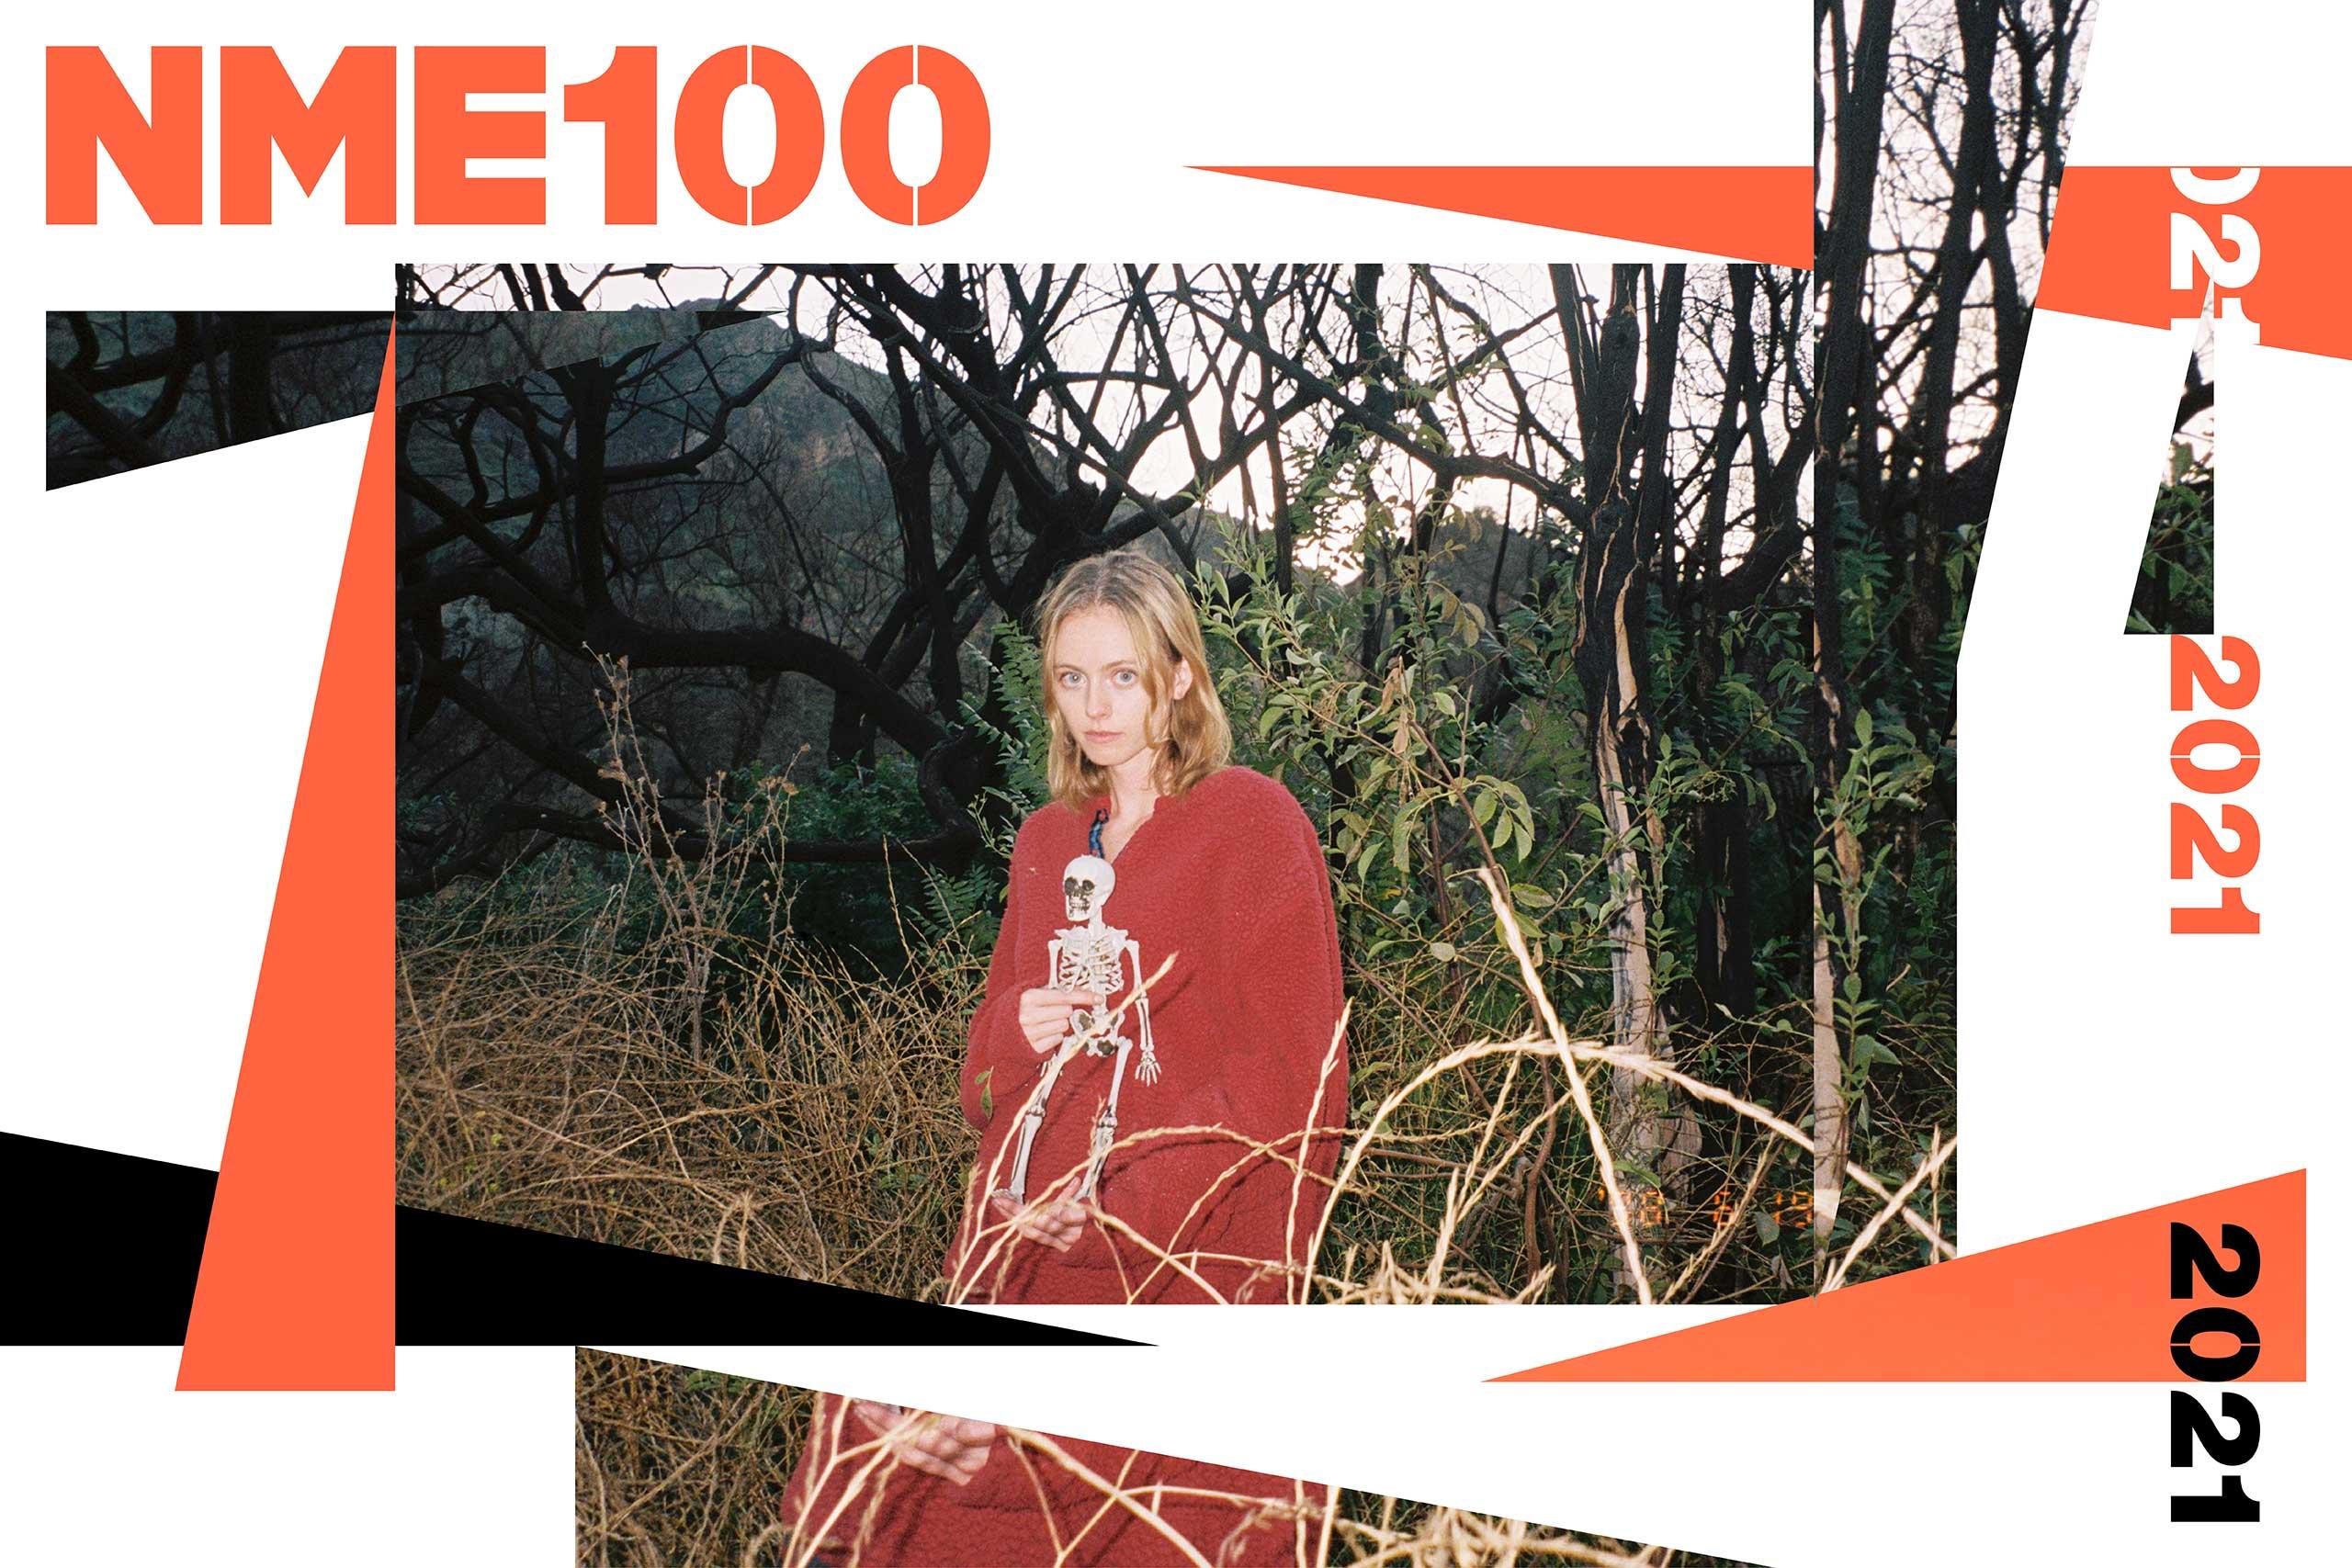 NME 100 skullcrusher